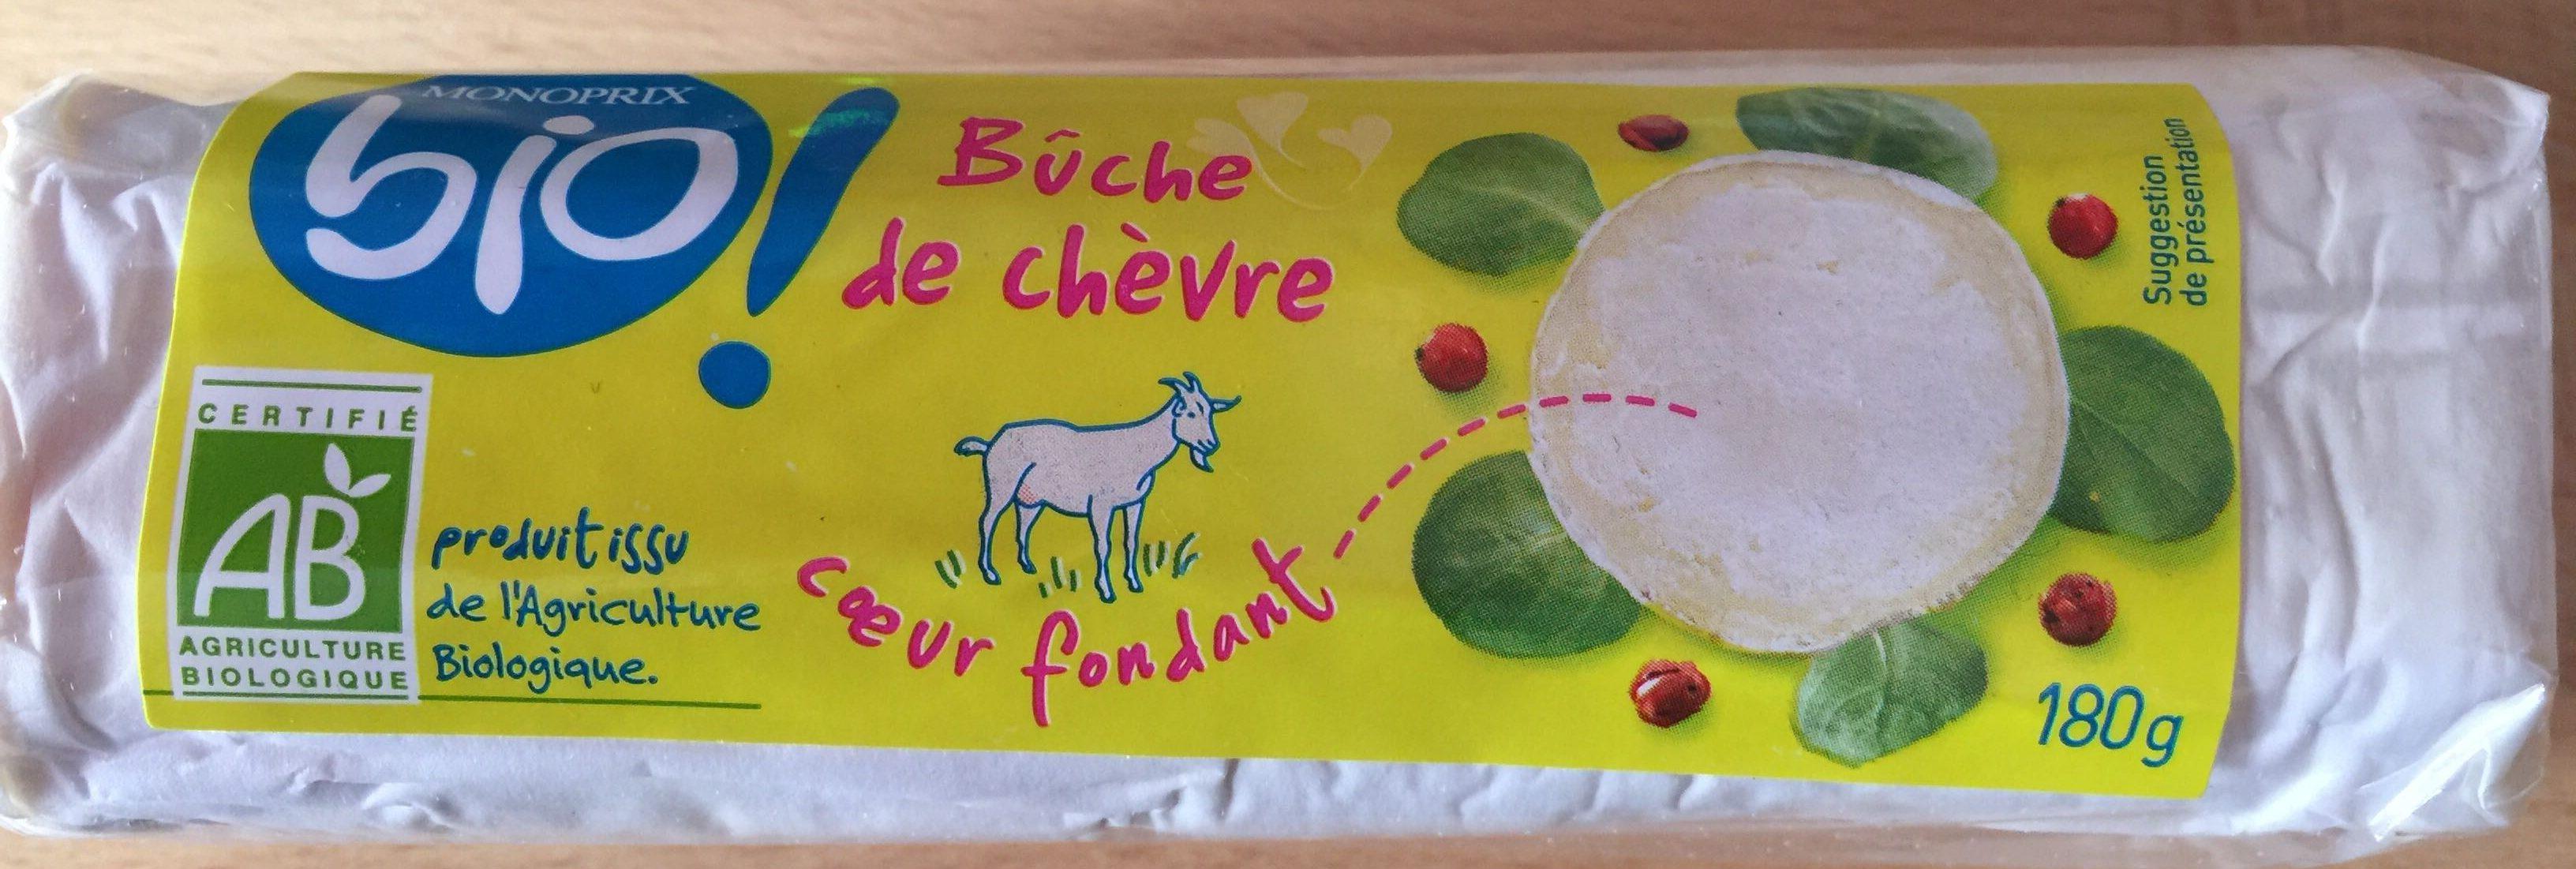 Bûche de chèvre coeur fondant - Product - fr